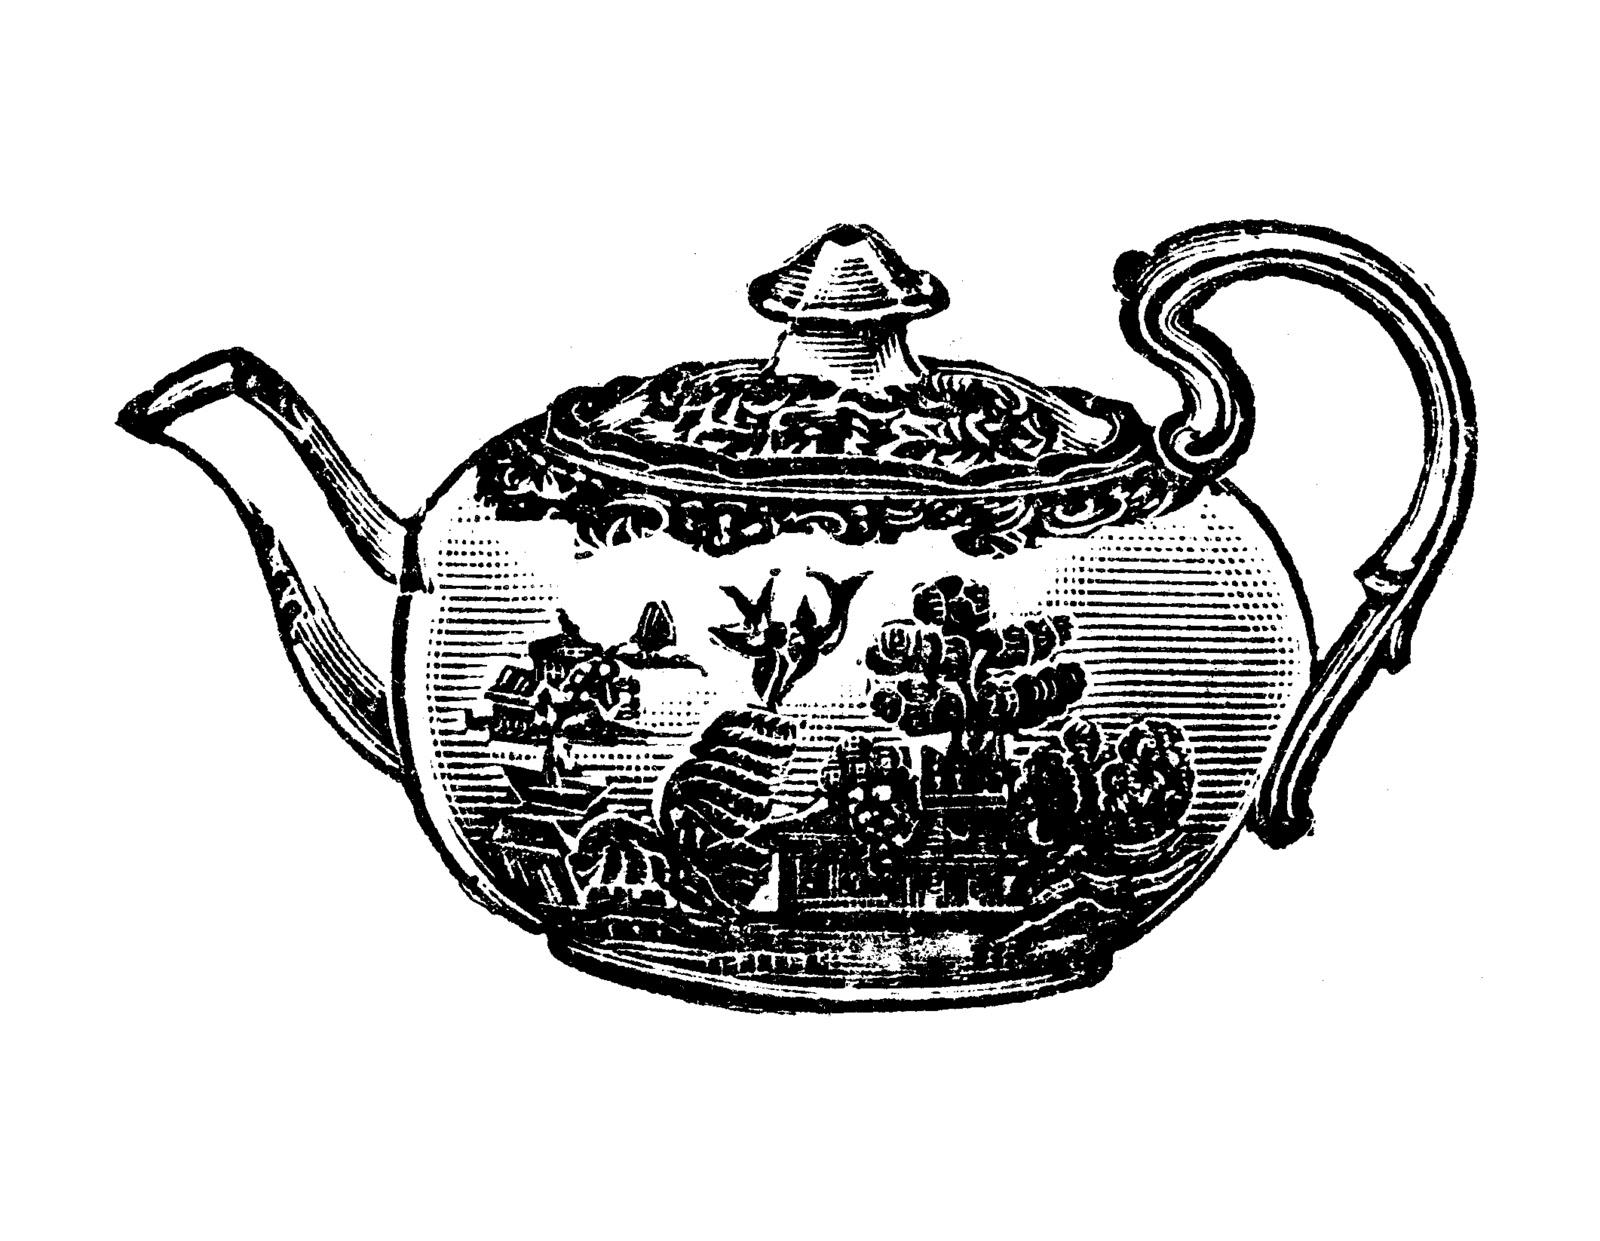 Vintage Teapot Vintage Teapot Vintage Cup And Saucer Vintage Cup